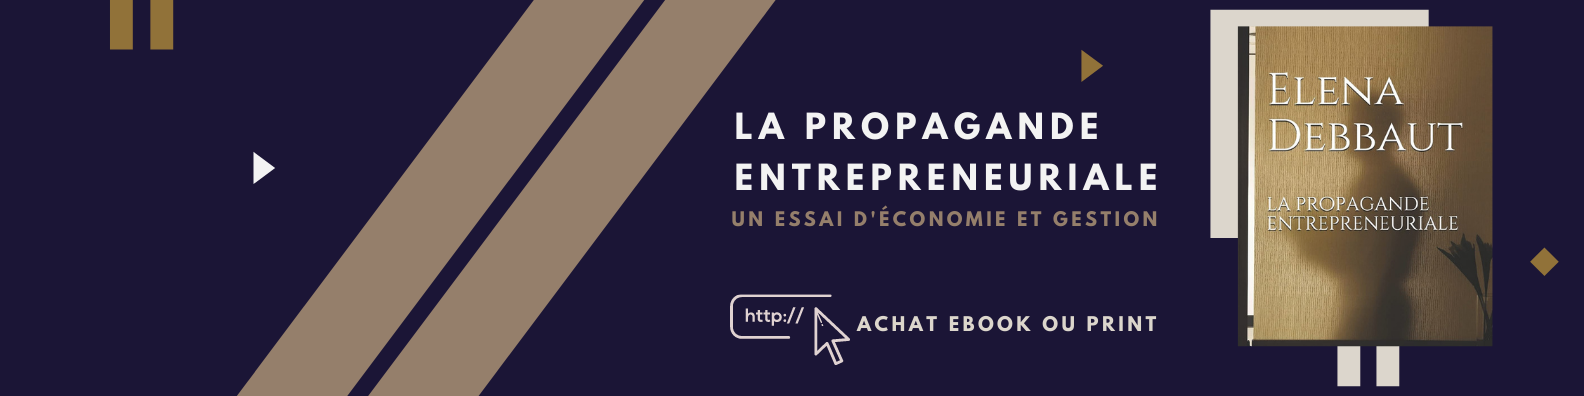 La propagande entrepreneuriale, un essai d'économie et gestion écrit par Elena Debbaut, consultante en entreprise et gestionnaire de crise